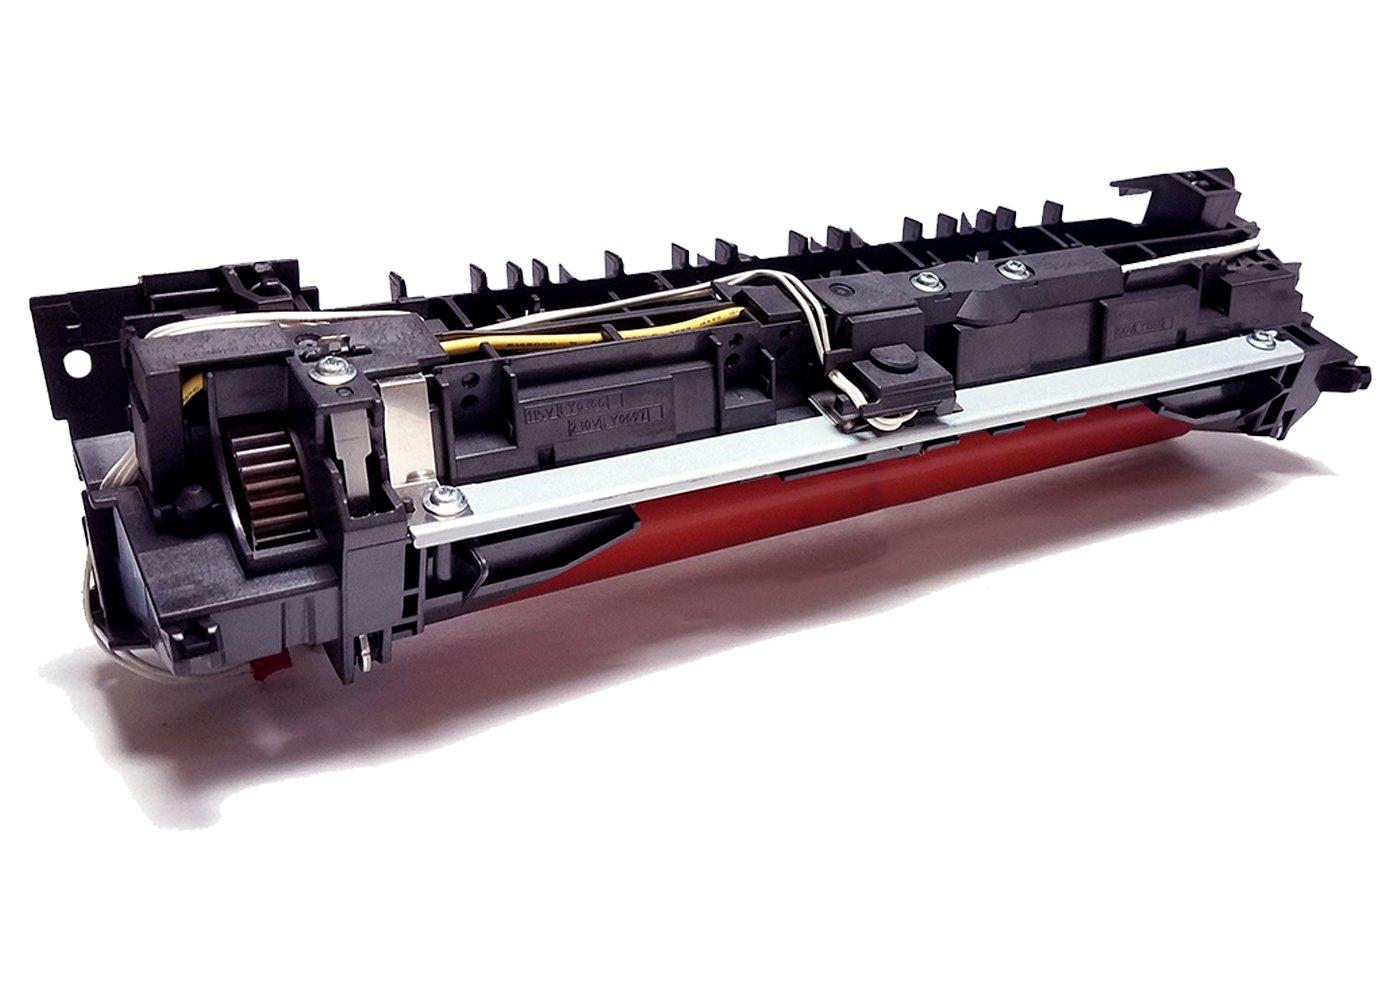 Altru Print LY7901001-AP (LR2241001) Fuser Kit for Brother HL-L8250CDN / HL-L8350CDW / HL-L8350CDWT / HL-L9200CDWT / MFC-L8600CDW / MFC-L8850CDW / MFC-L9550CDW (110V) by Altru Print (Image #1)